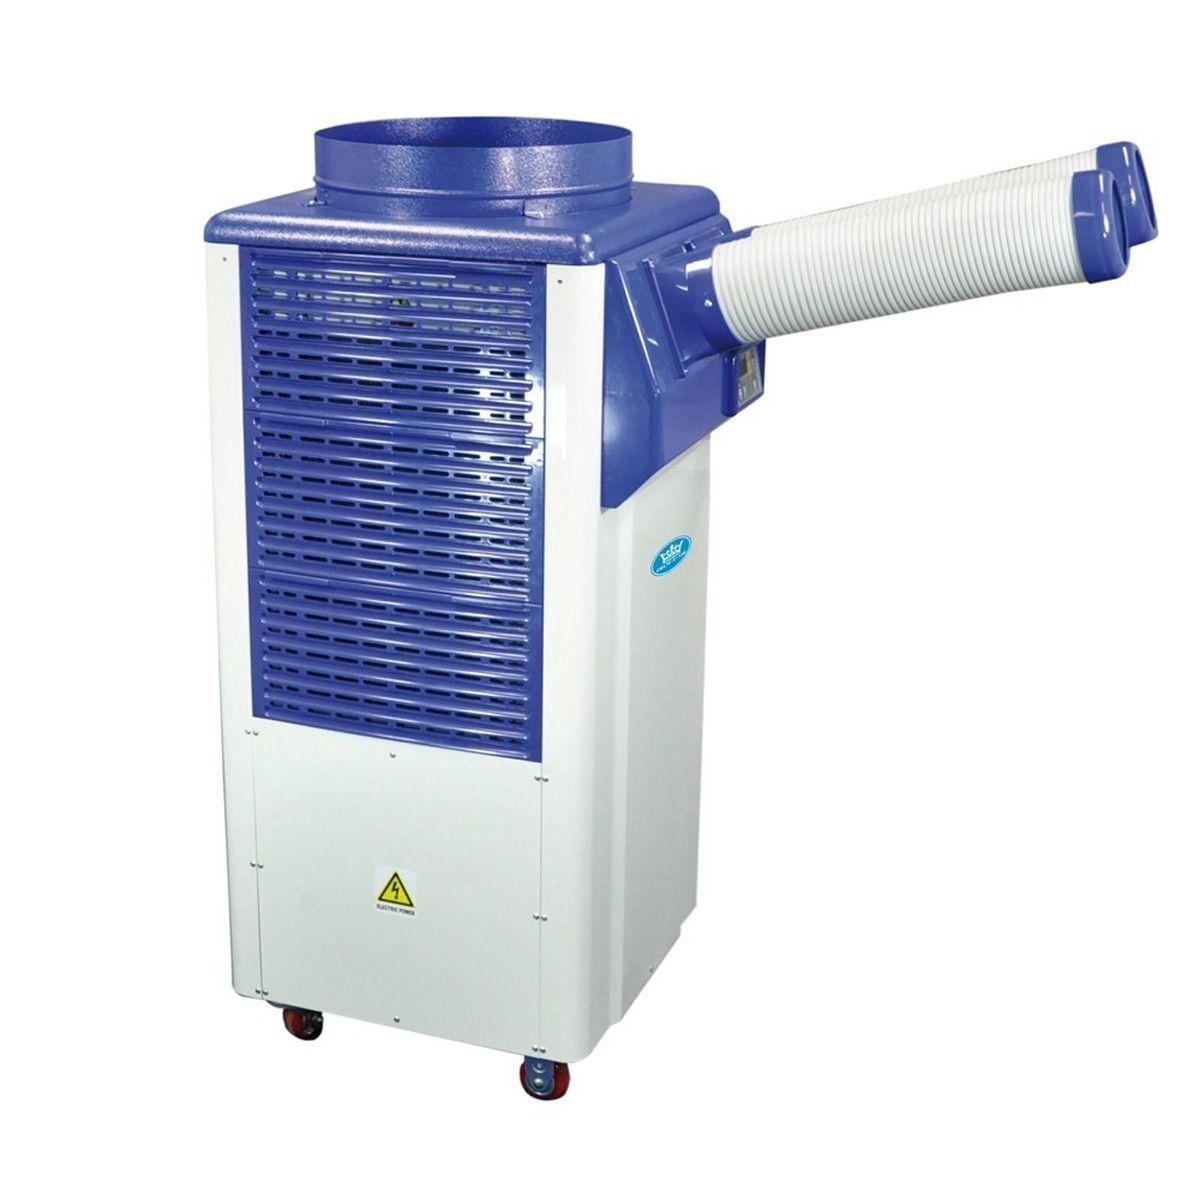 portable air conditioner titancool tc25 73 kw btu industrial air - Commercial Cool Portable Air Conditioner